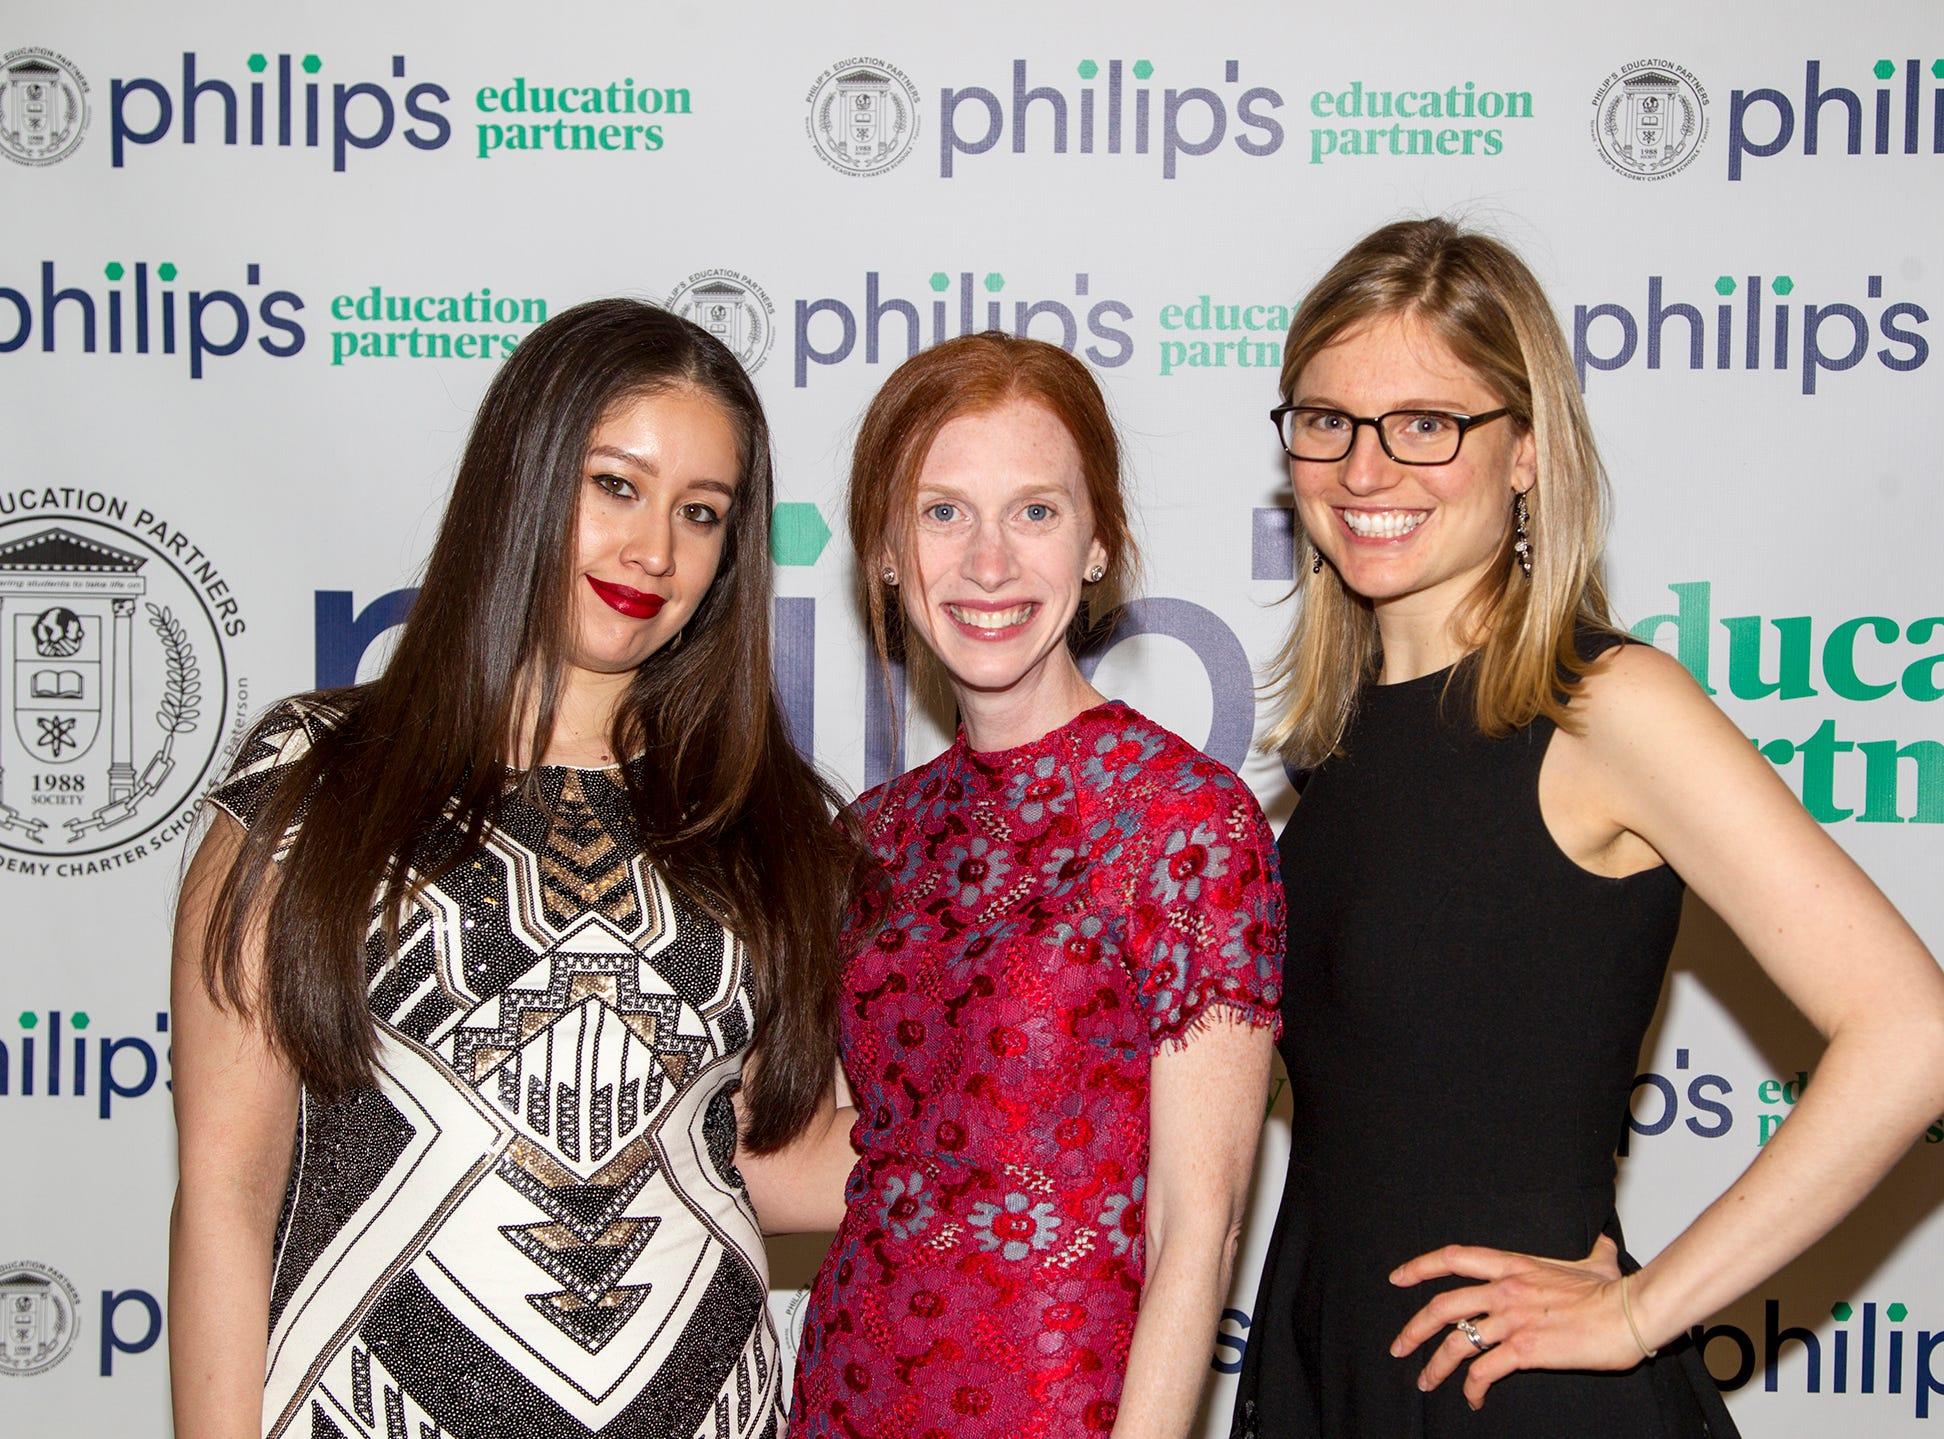 Priscilla Crespo, Regina Lauricella, Laura Kohler. Philip's Education Partners host The Dream Maker 30th anniversary gala at The Mezzanine in Newark 3/29/2019.